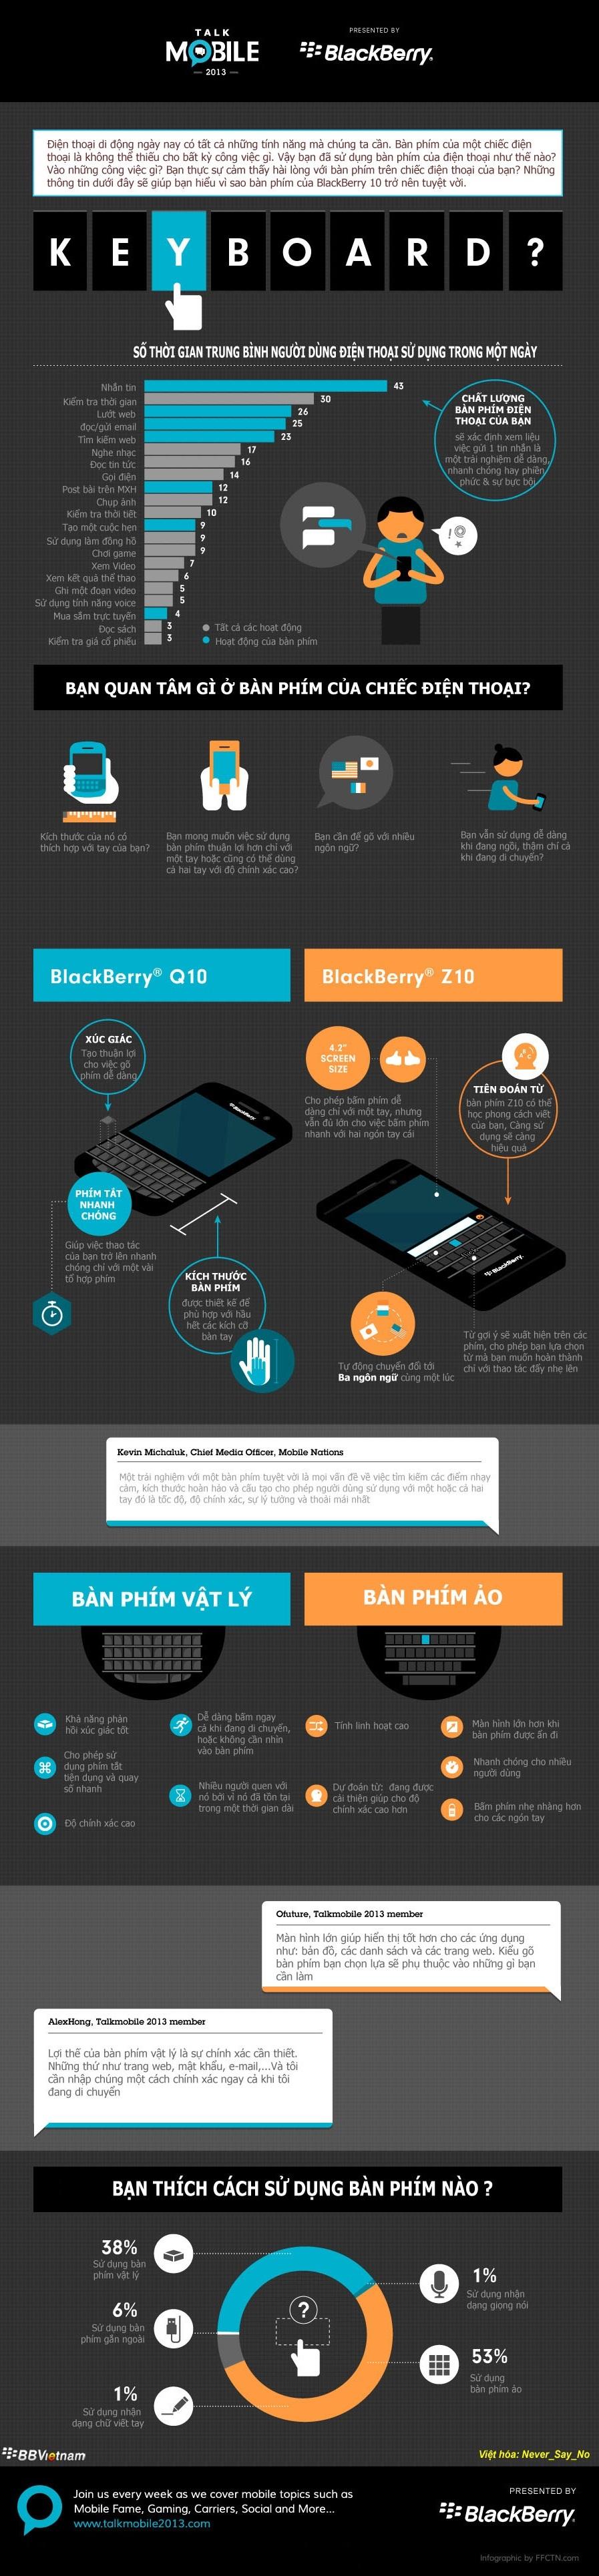 Infographic - Bàn Phím BlackBerry Q10